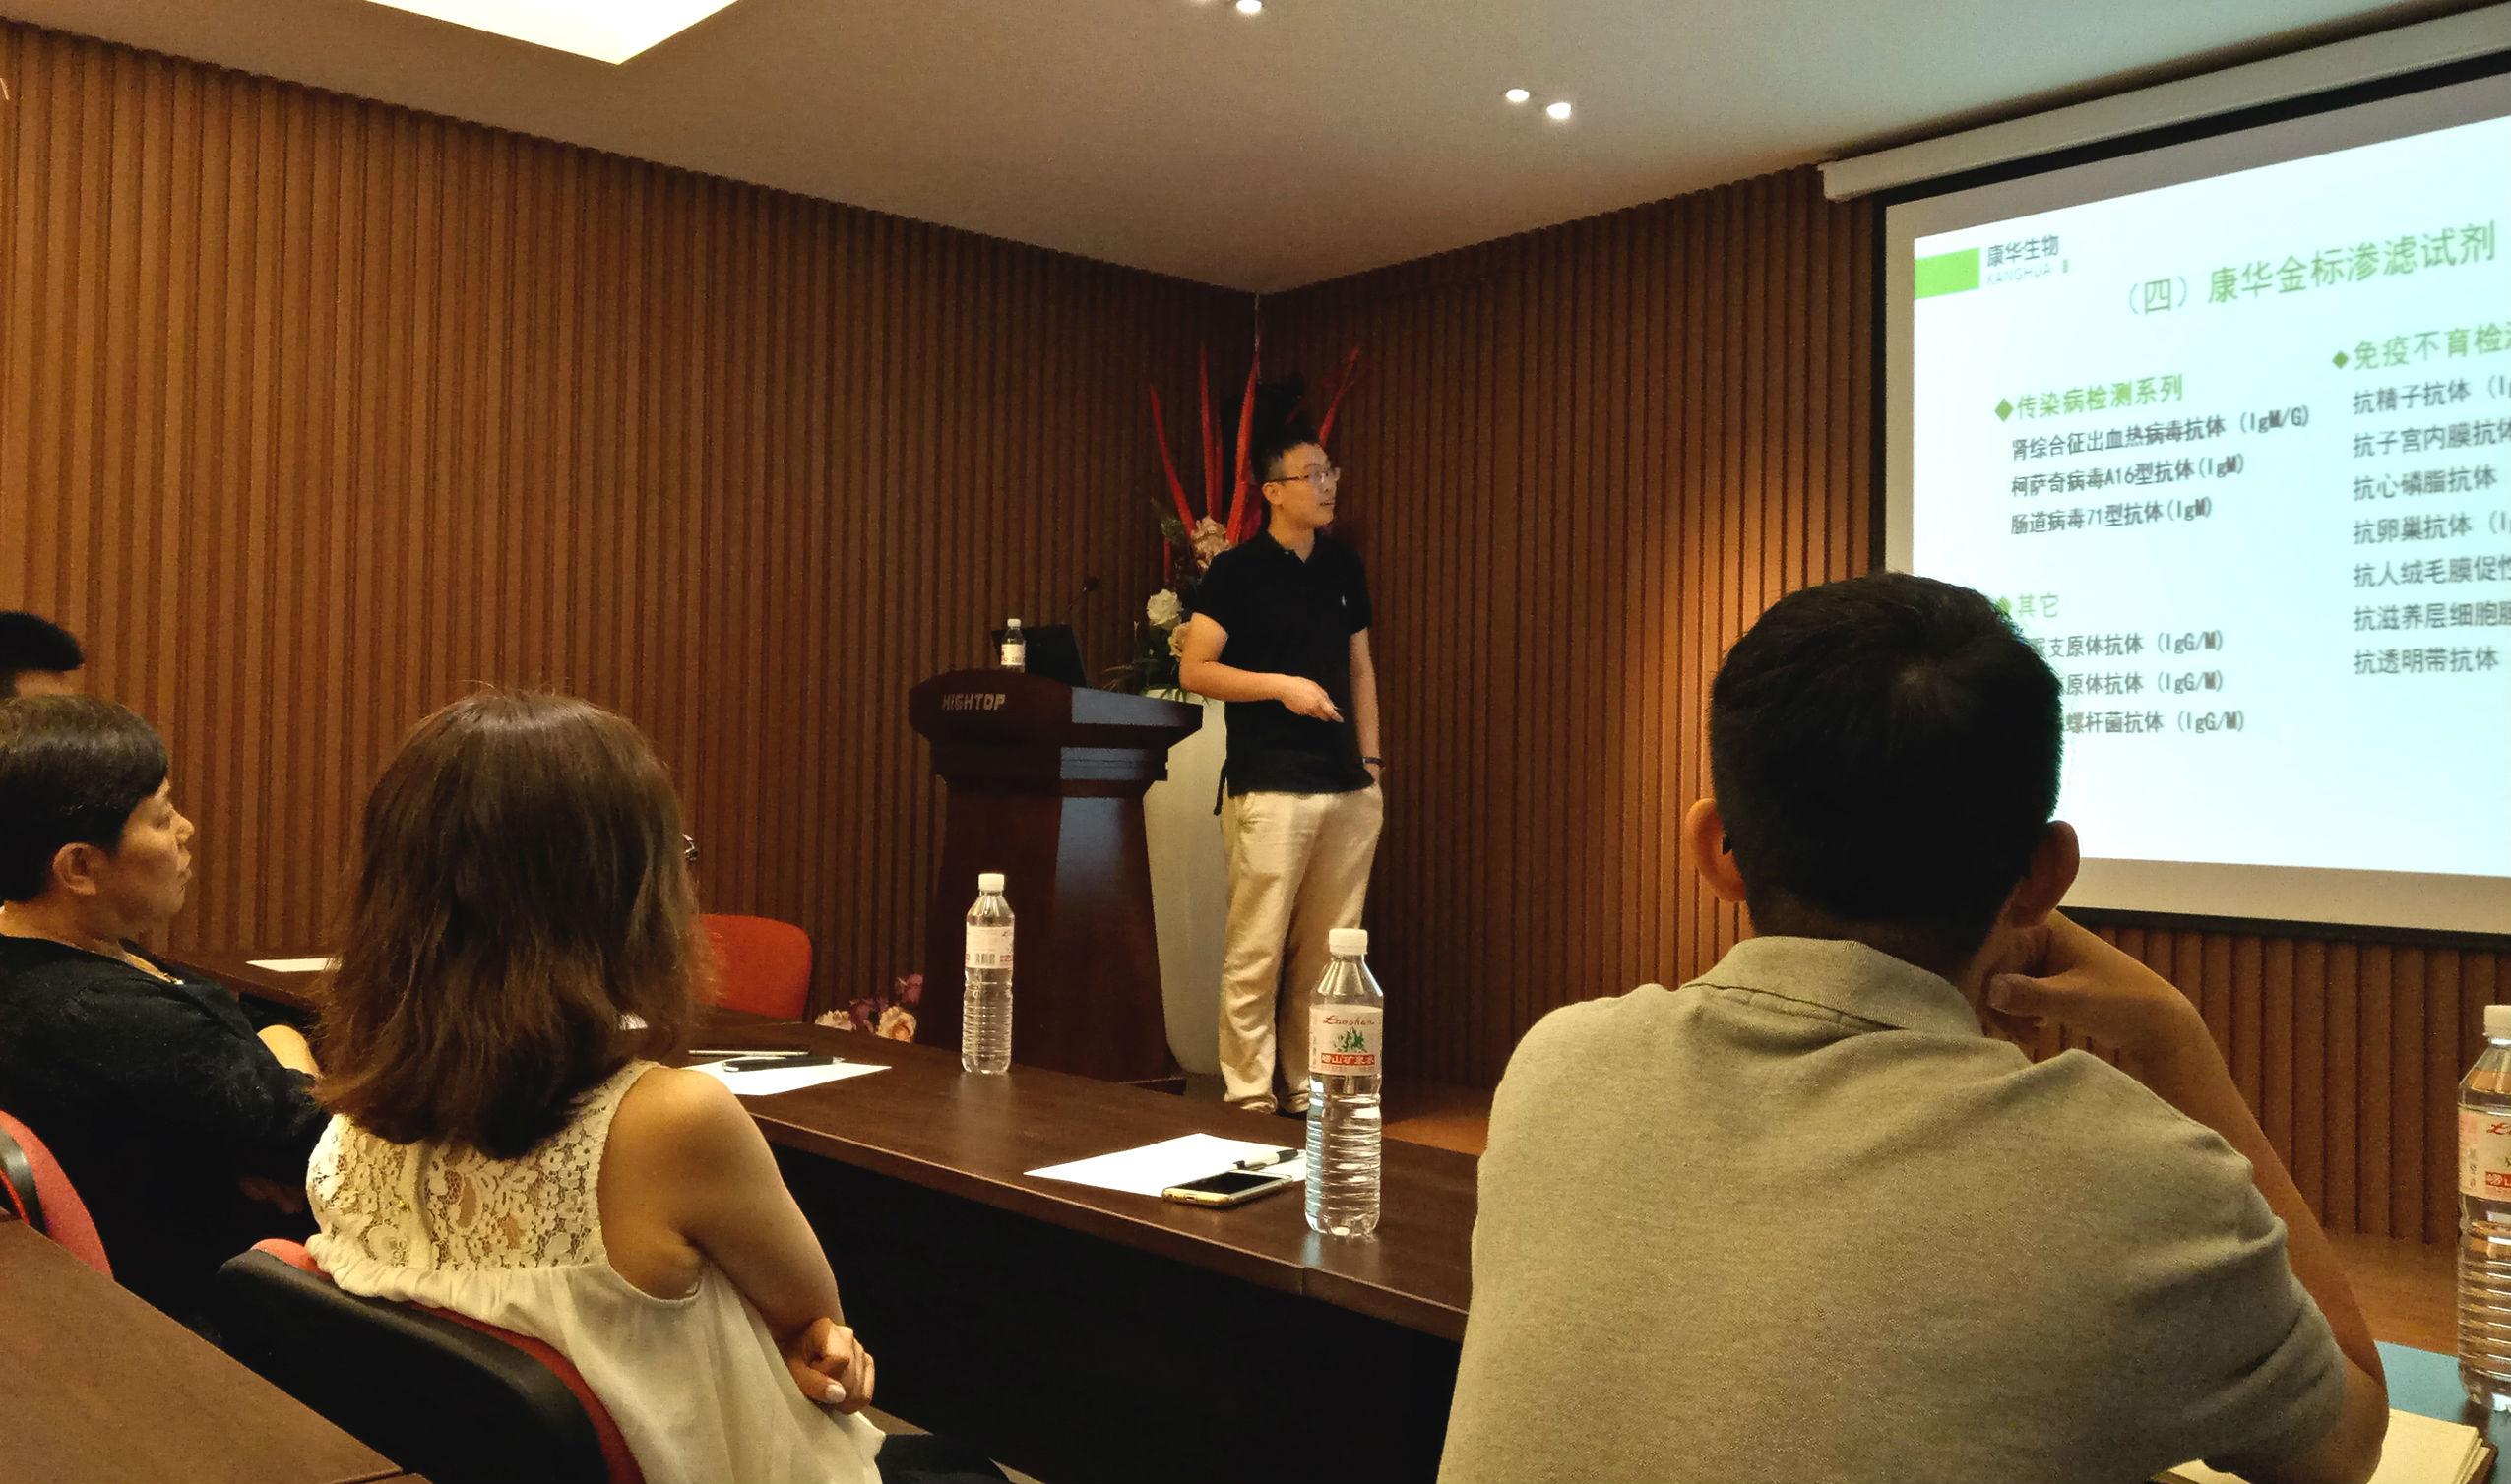 随后,青岛汉唐生物科技有限公司总经理杨帆就公司创业发展情况作了